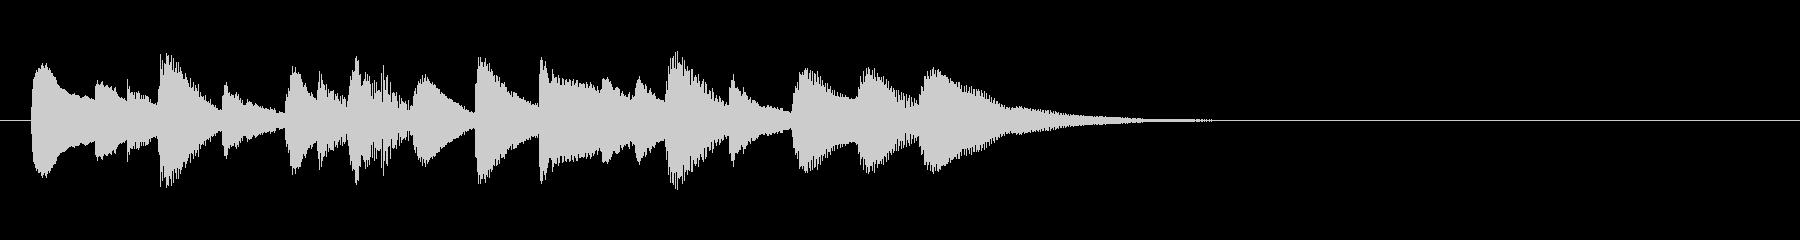 ほのぼのちゃんちゃんお料理マリンバ三重奏の未再生の波形